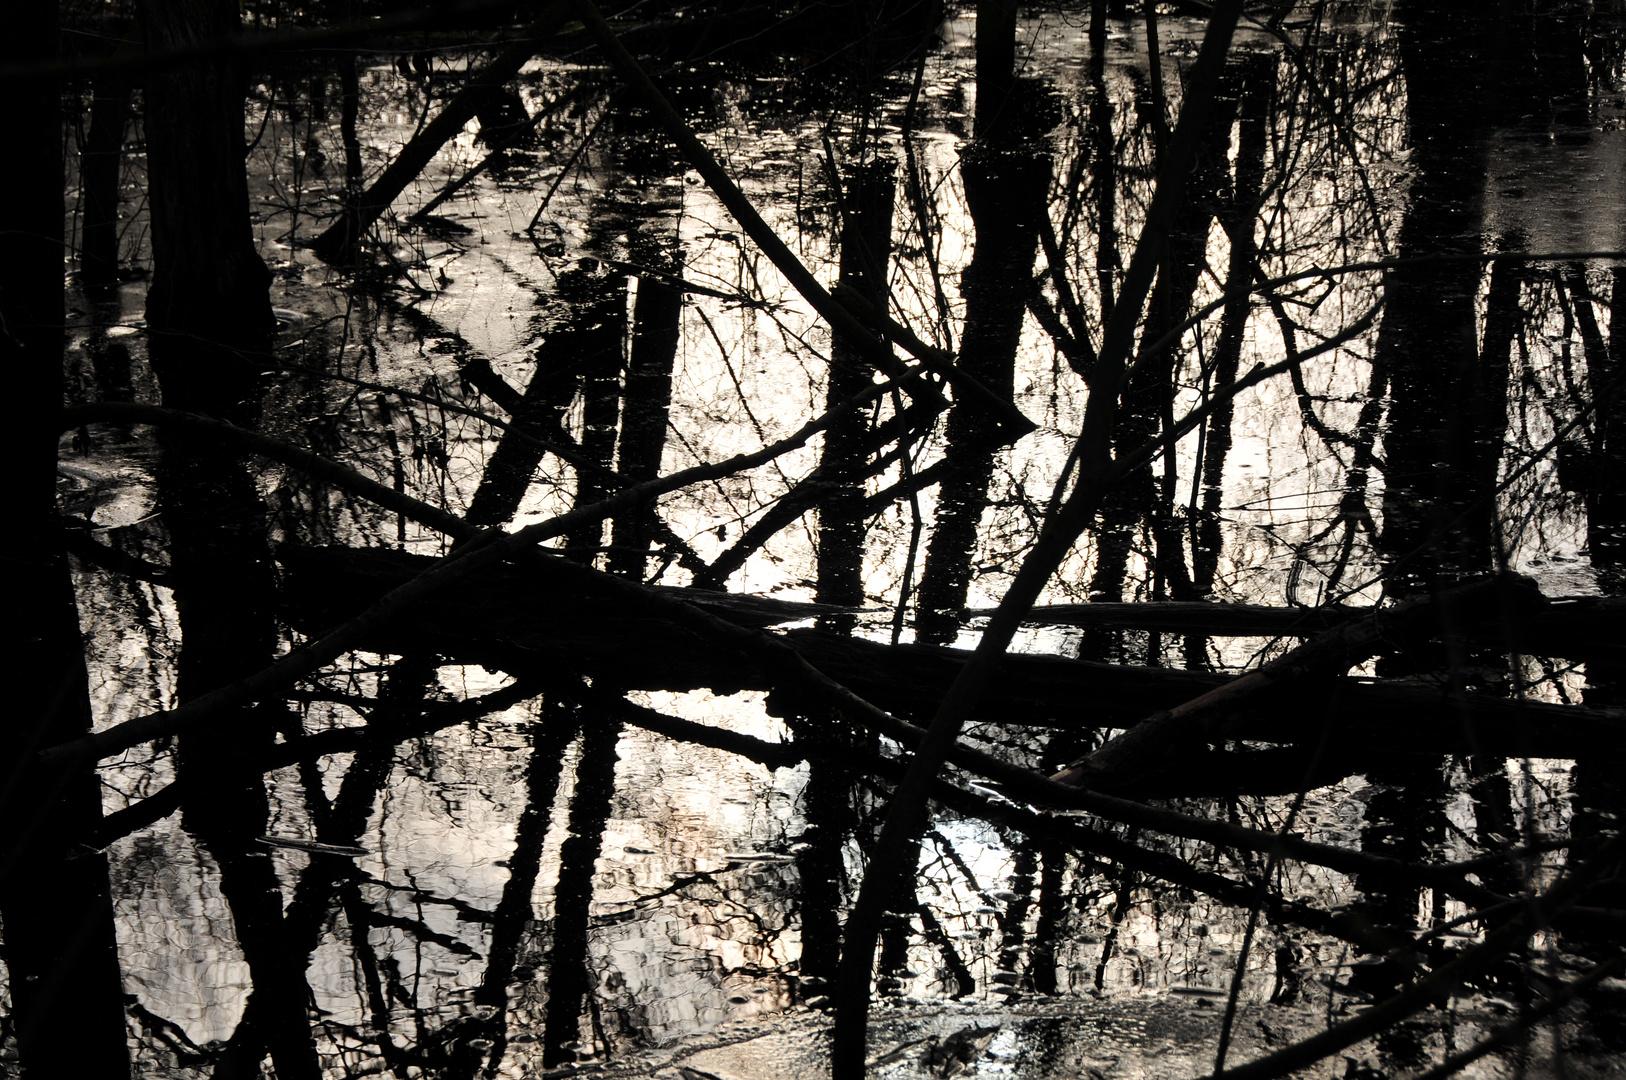 Kaligraphie im Wasser